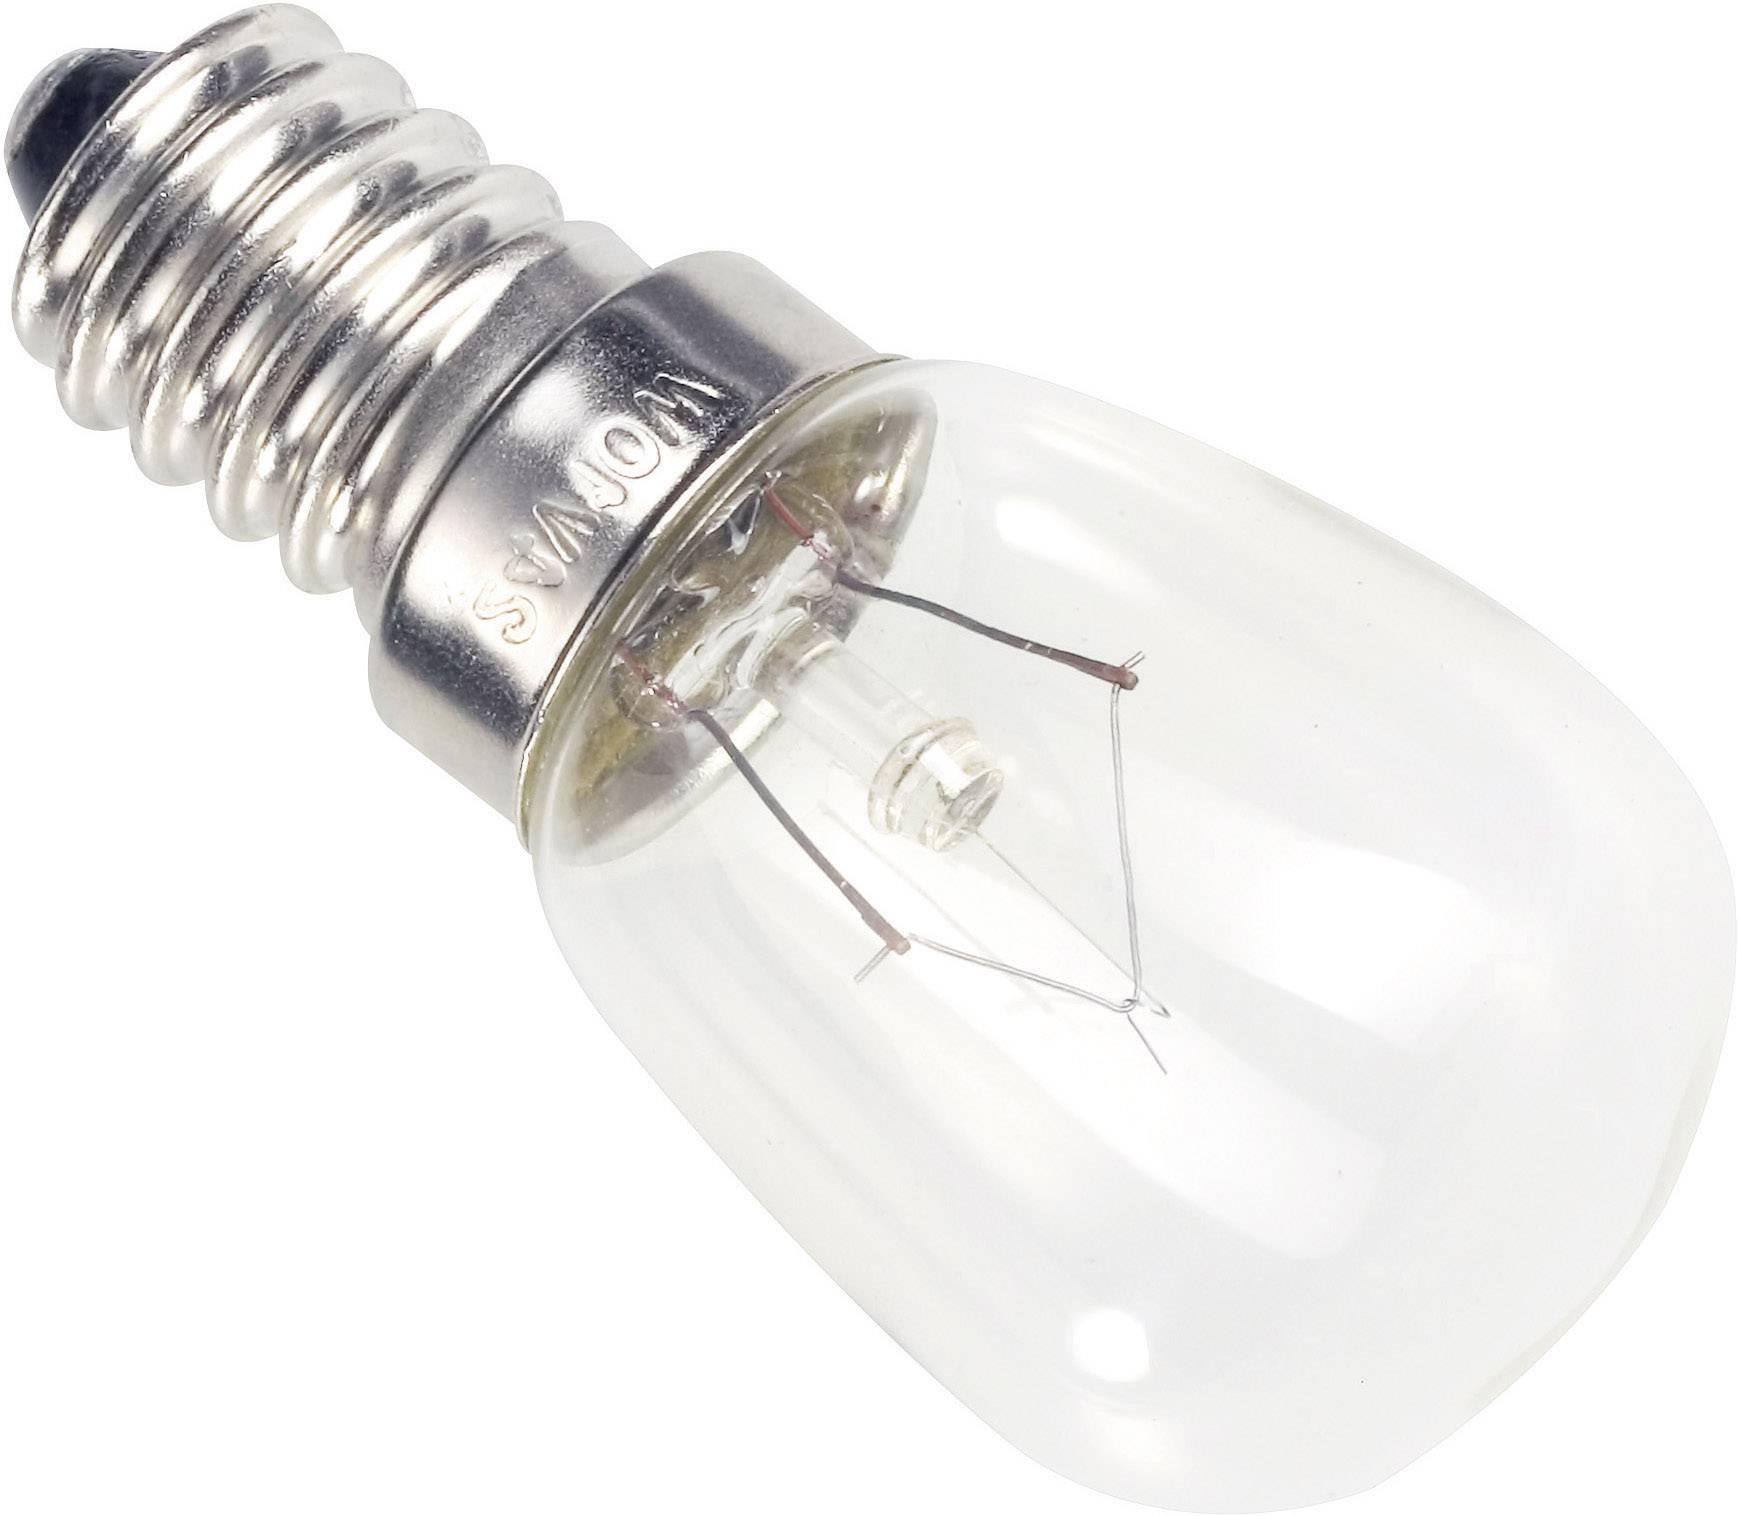 Žárovka hruška Barthelme 00982410, 24 V, 10 W, 1 ks